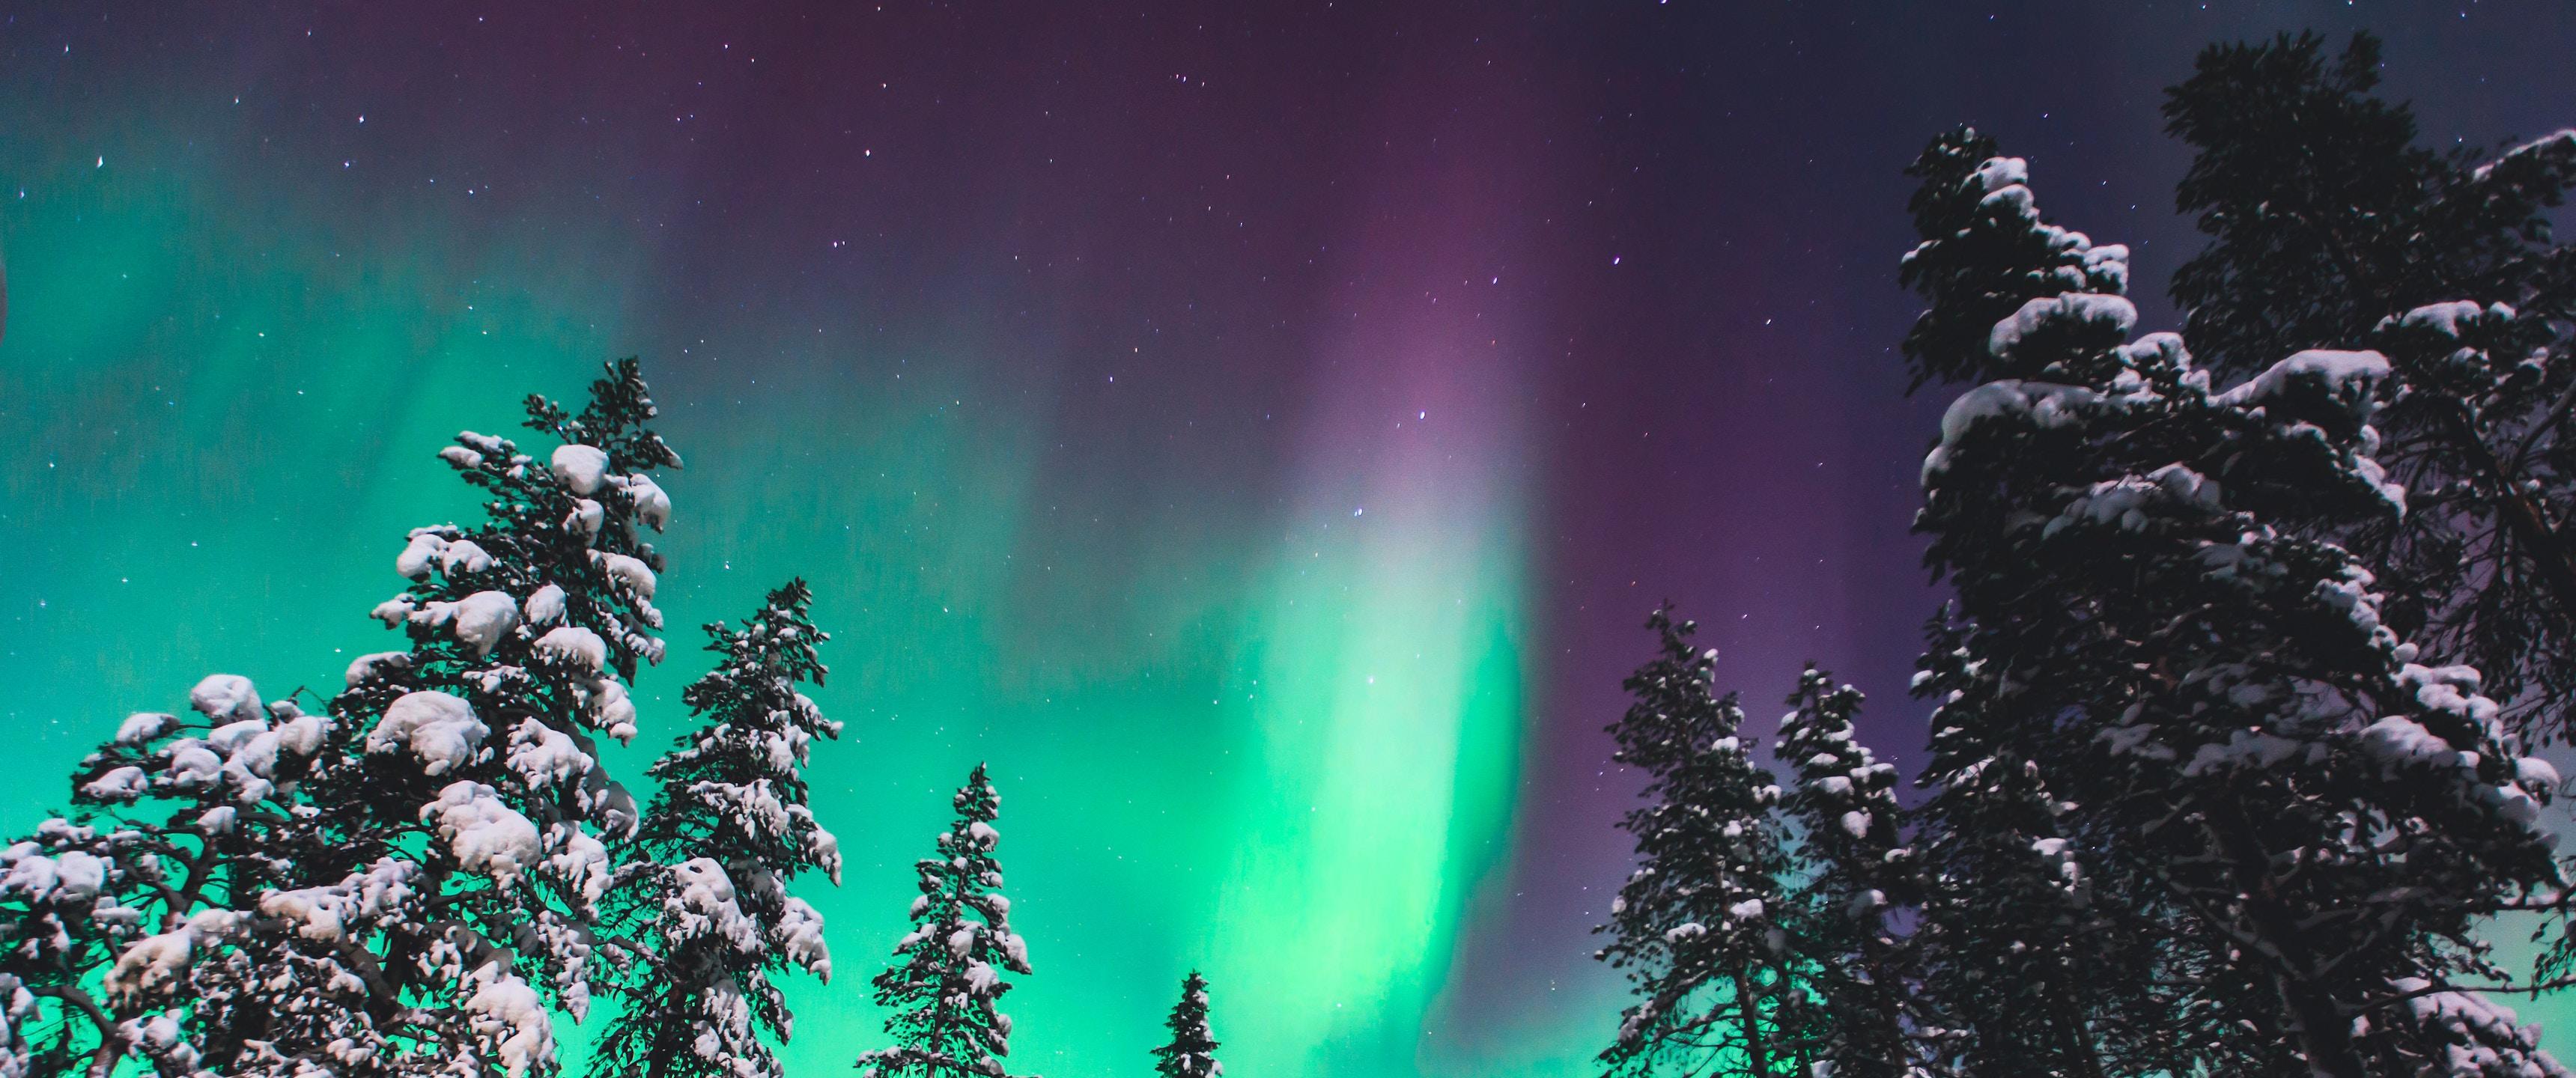 Vinterbild (Copy) (Copy)